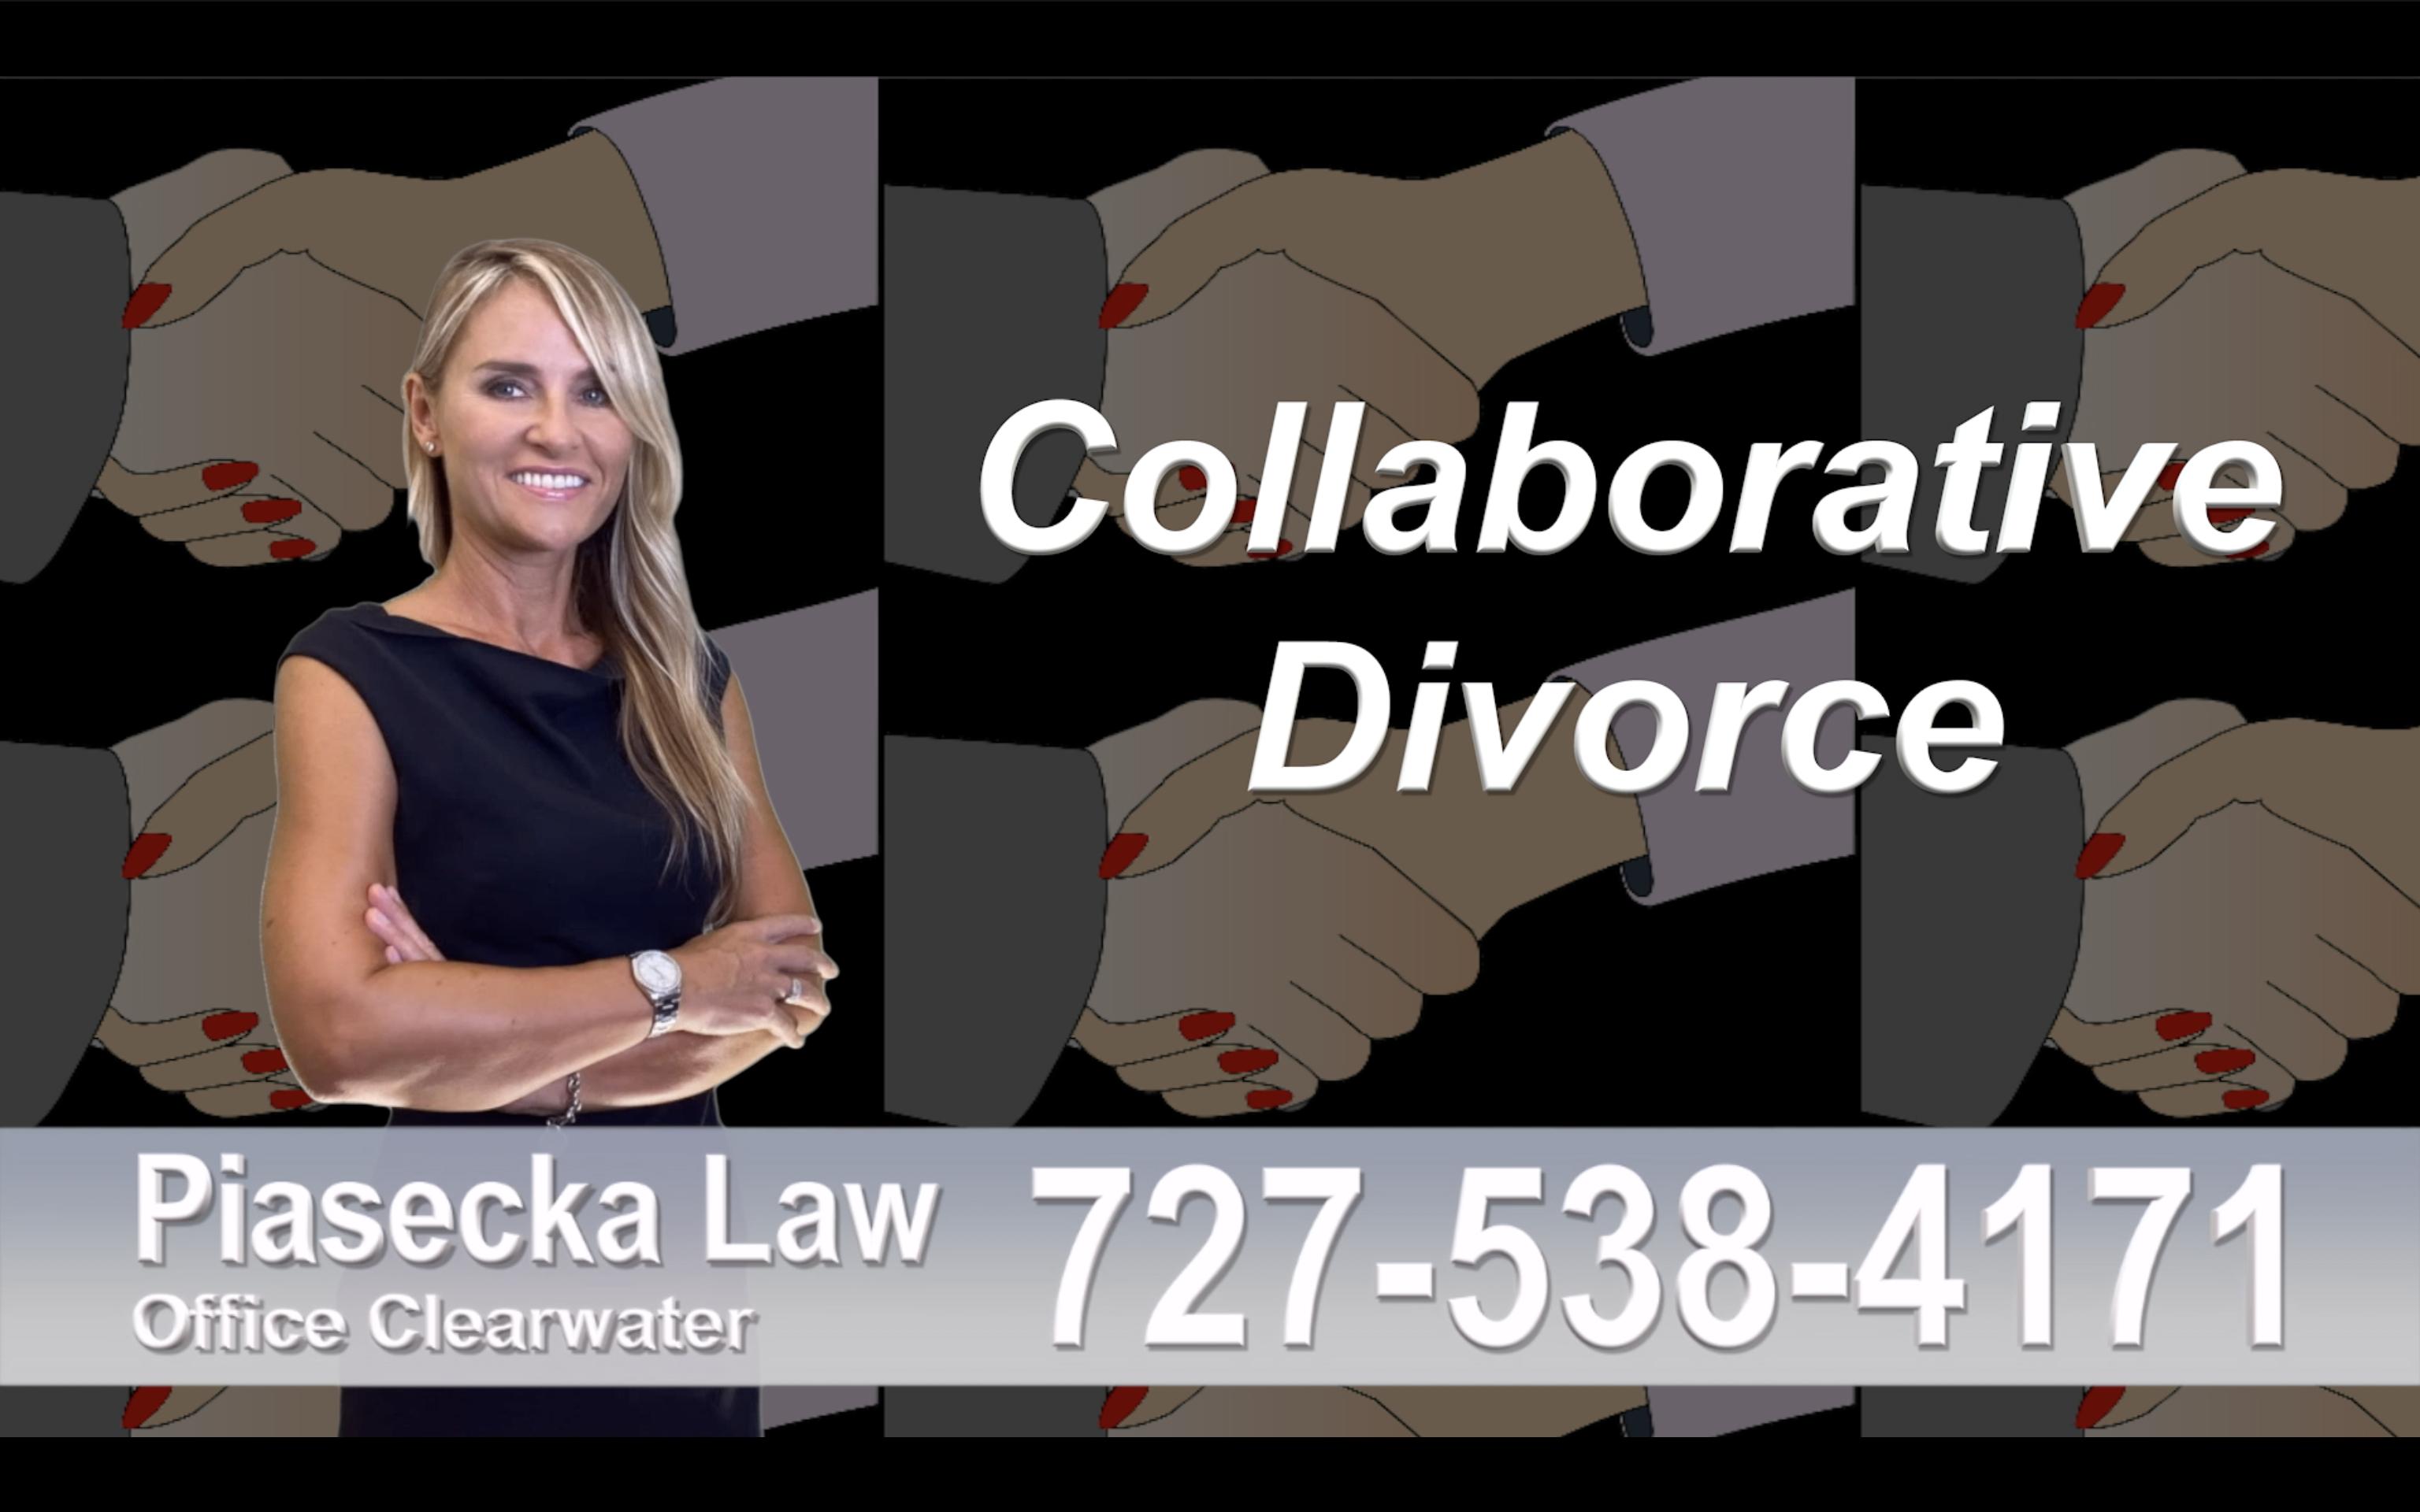 Estero Collaborative, Divorce, Attorney, Agnieszka, Piasecka, Prawnik, Rozwodowy, Rozwód, Adwokat, Najlepszy, Best attorney, divorce